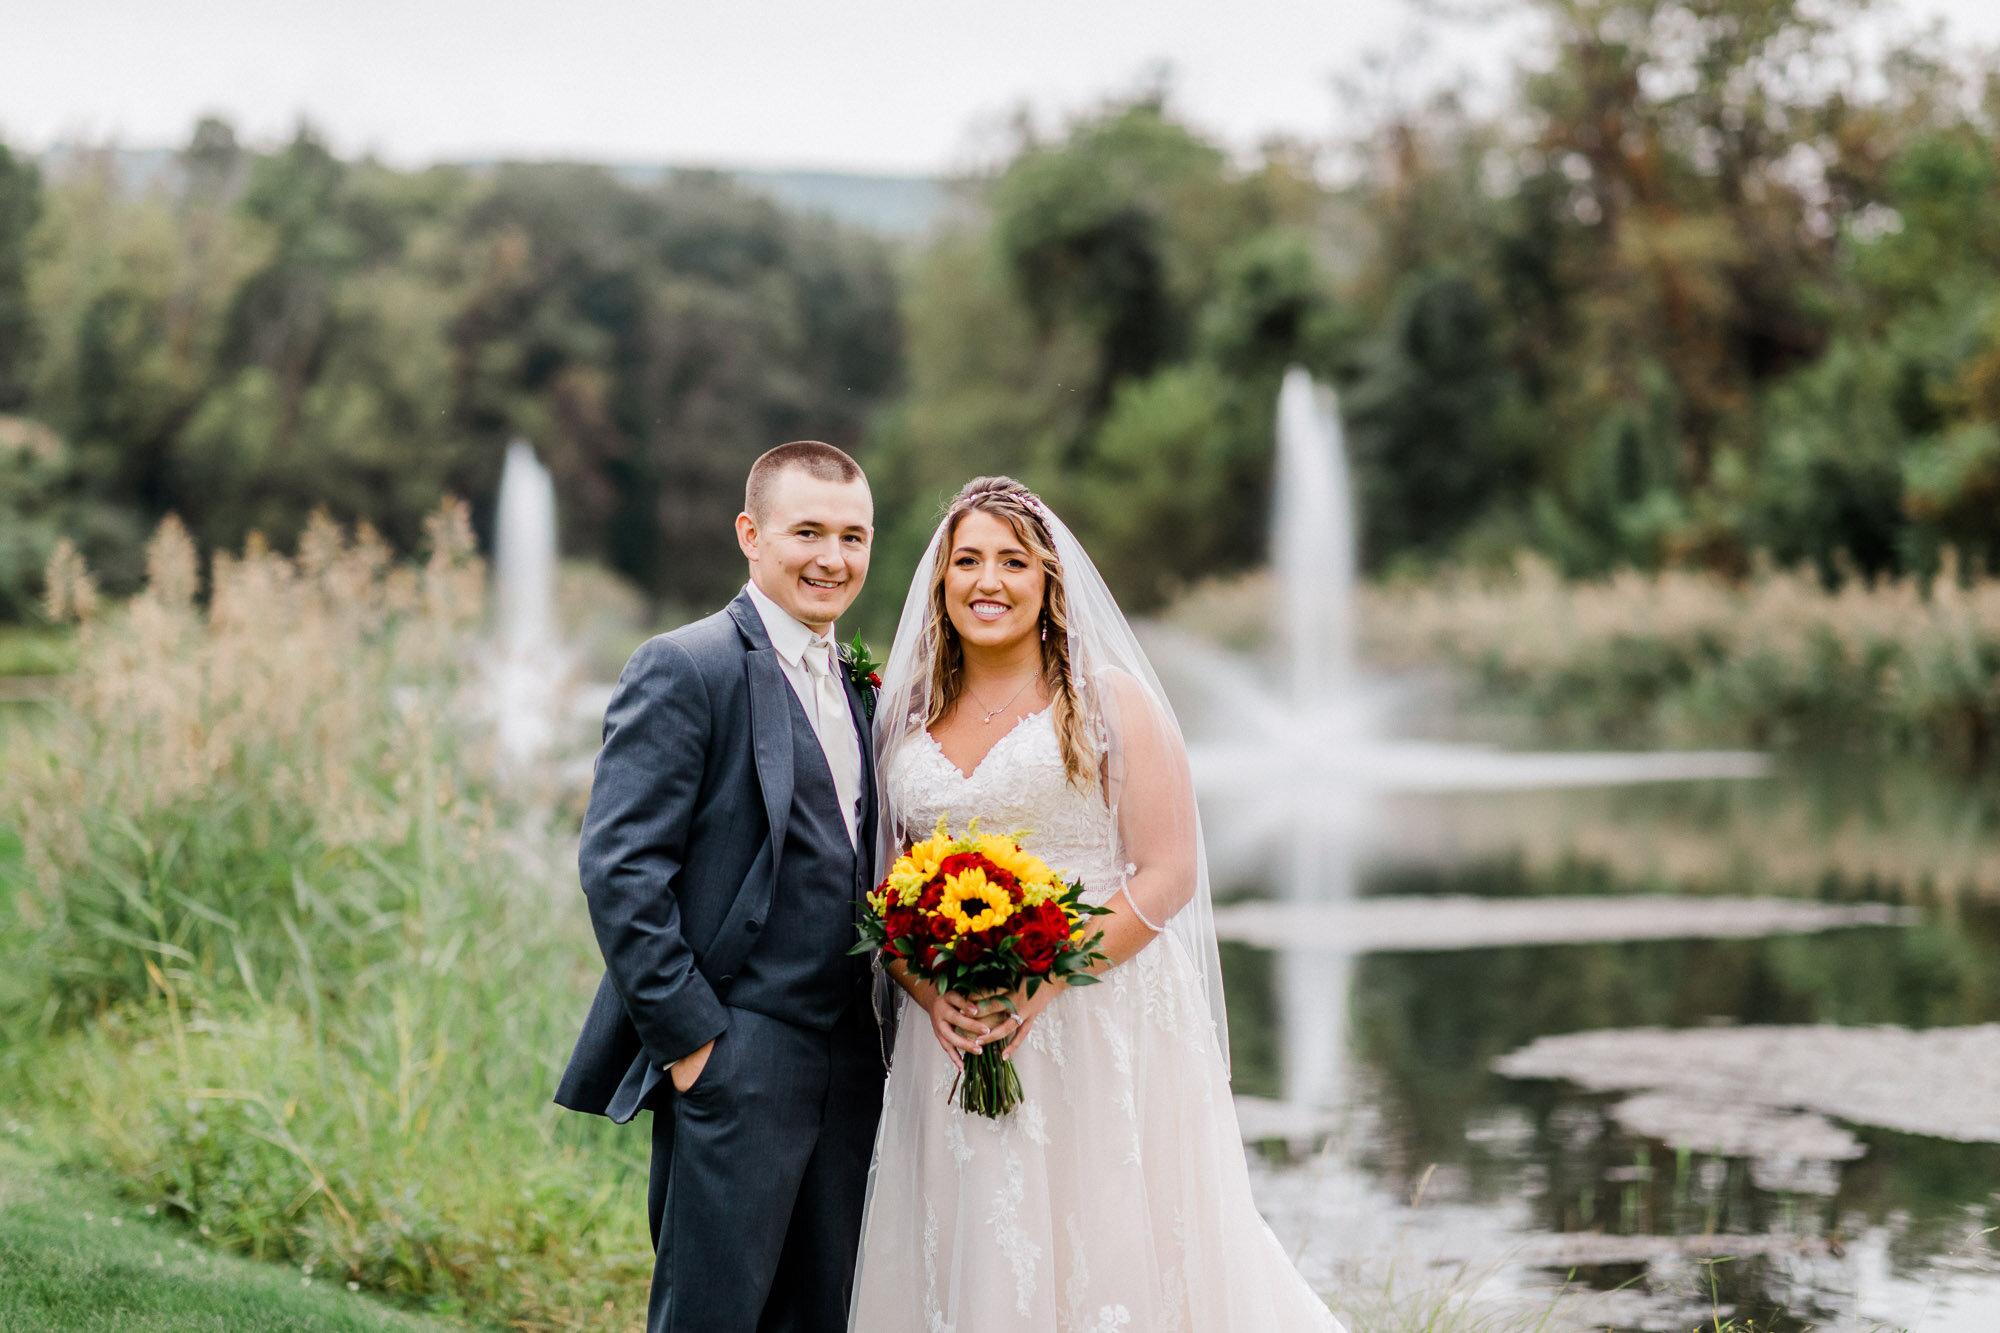 links-hemlock-creek-bloomsburg-wedding-6644.jpg